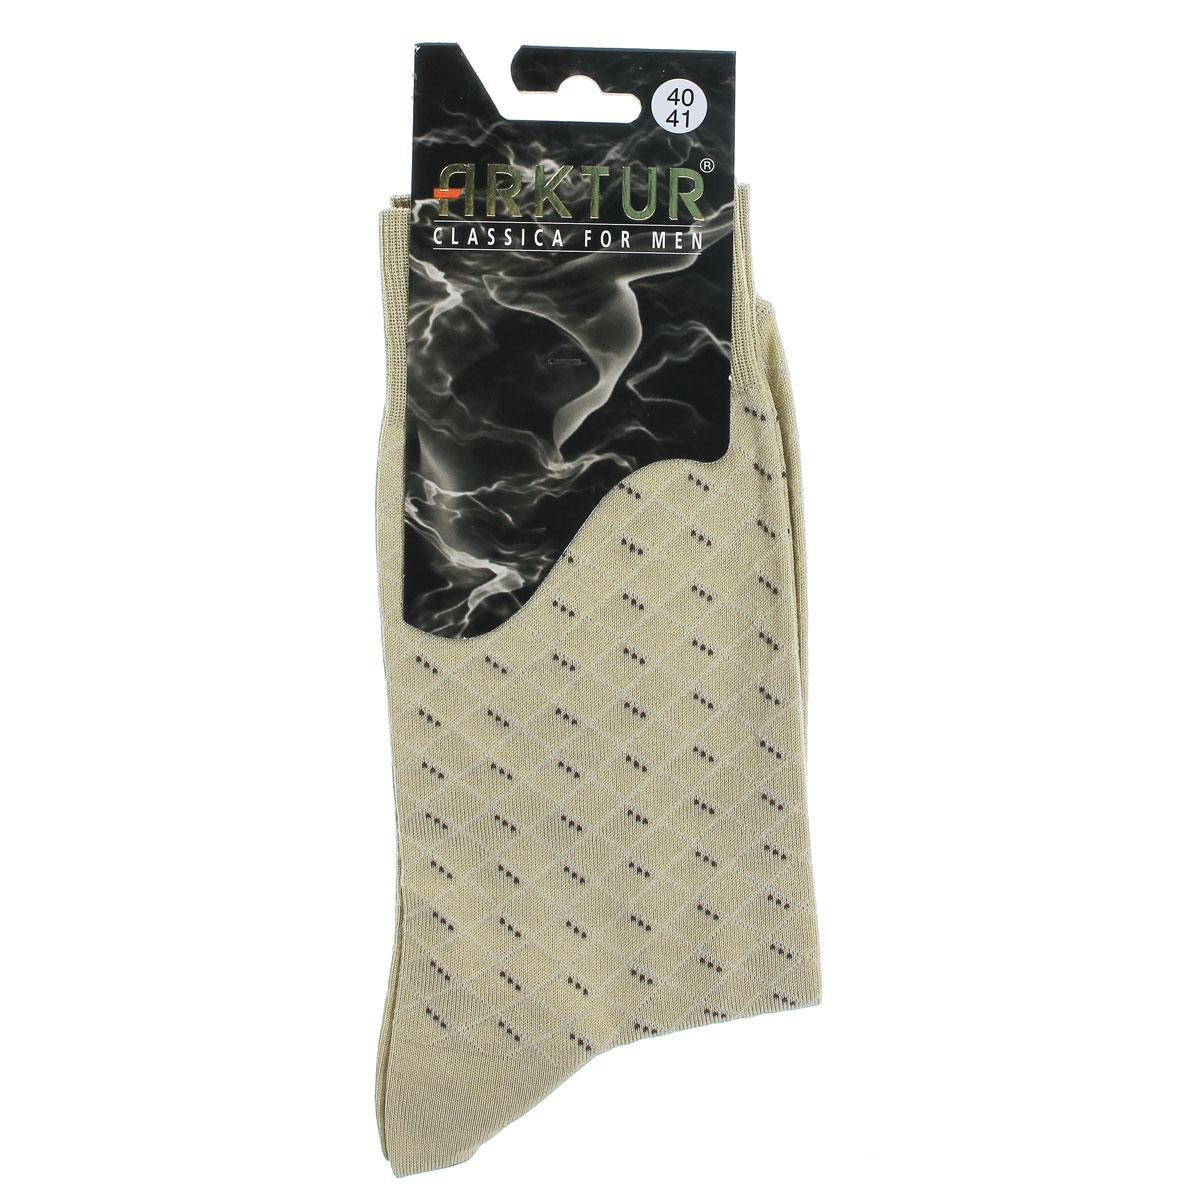 Носки мужские Arktur, цвет: бежевый. Л161. Размер 42/43Л161Мужские носки Arktur престижного класса. Носки превосходного качества из мерсеризованного хлопка отличаются гладкой текстурой и шелковистостью, что создает приятное ощущение нежности и прохлады. Эргономичная резинка пресс-контроль комфортно облегает ногу. Носки обладают повышенной прочностью, не подвержены усадке. Усиленная пятка и мысок. Удлиненный паголенок.Идеальное сочетание практичности, комфорта и элегантности!